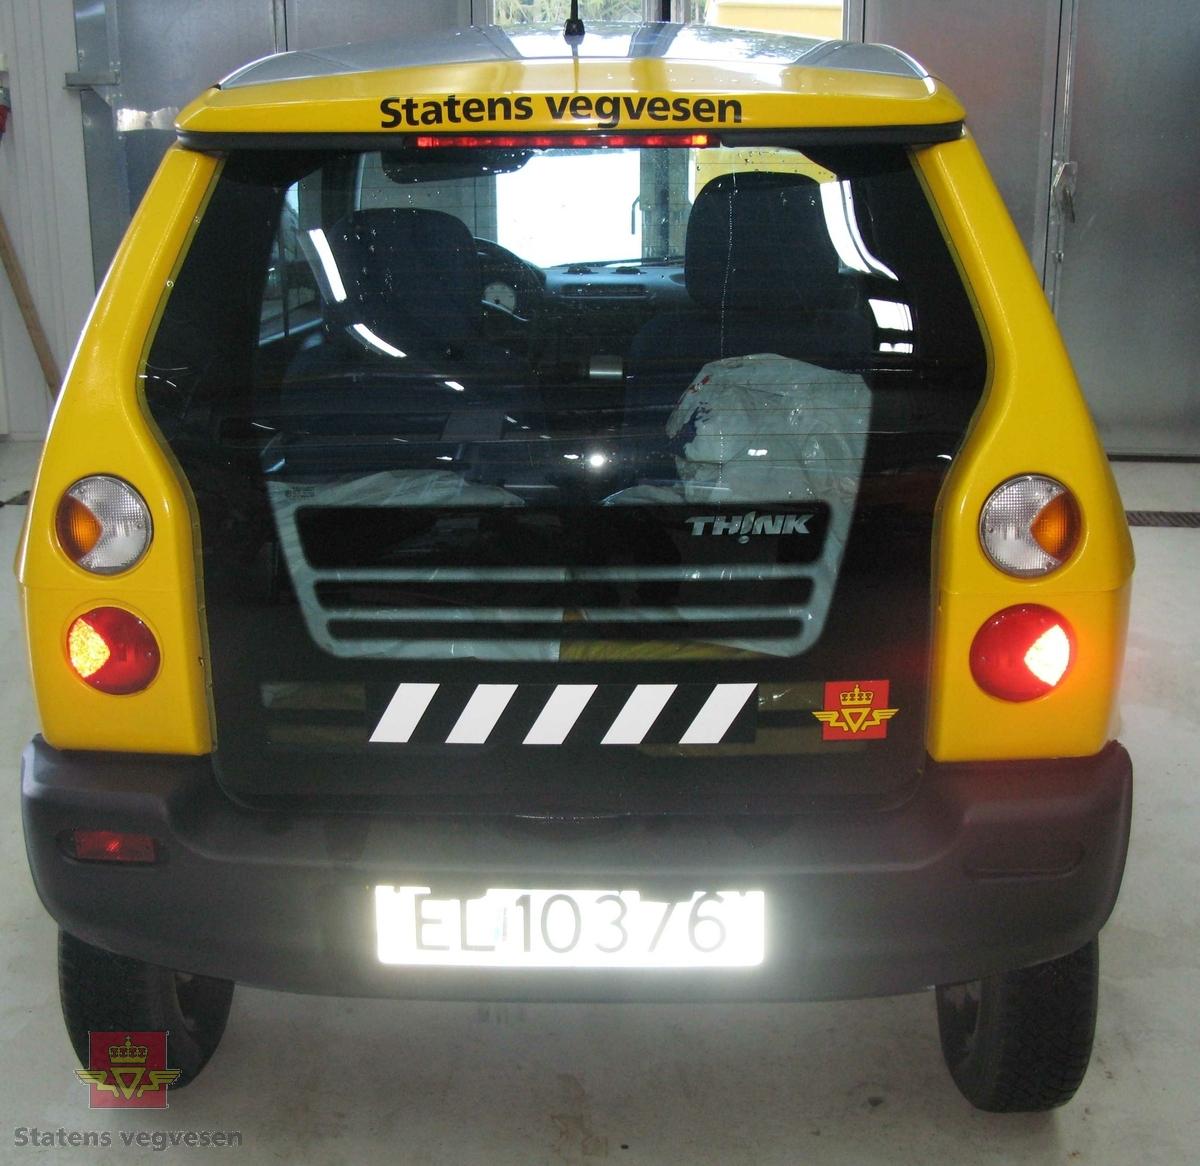 """Elektrisk drevet personbil med framhjulstrekk. 2-akslet. 2 sitteplasser. Gul og grå. SVV profilering. Bilen har et karosseri av termoplast, (polyethylen) og et tak av ABS plast.  Underramme av stål og overramme av aluminium. Kollisjonsbjelker i dørene. Deformasjonssoner. Airbag på førersiden. Separat batterikasse, (batteripakka i denne er fjernet, det gjør bilen 250 kg lettere). Farget glass. Blått og grått interiør. Motortypen er en vannavkjølt 3 fase asynkron induksjonsmotor med maksimal effekt på 27 kW.  Bilen gjør 0-50 km/t på 7 sekunder og har en toppfart på 90 km/t. Kjører 2,5 time på en halv """"tank"""". Batteriet fullades på 6-8 timer. Lades ved stikkontakter med 220 V. Rekkevidde ECE bysyklus 85 km. Ekstrautstyr: vinterhjul og radio/cd-spiller."""